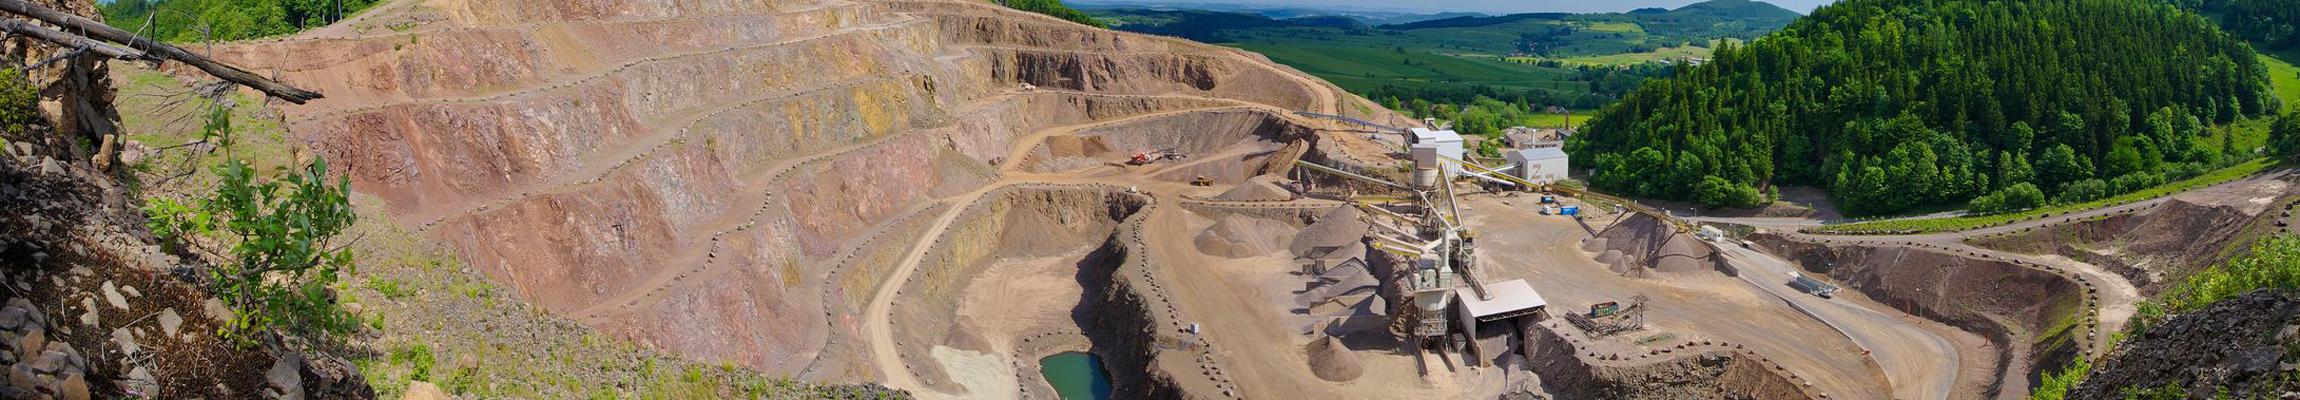 14887092 – big quarry under the blue sky